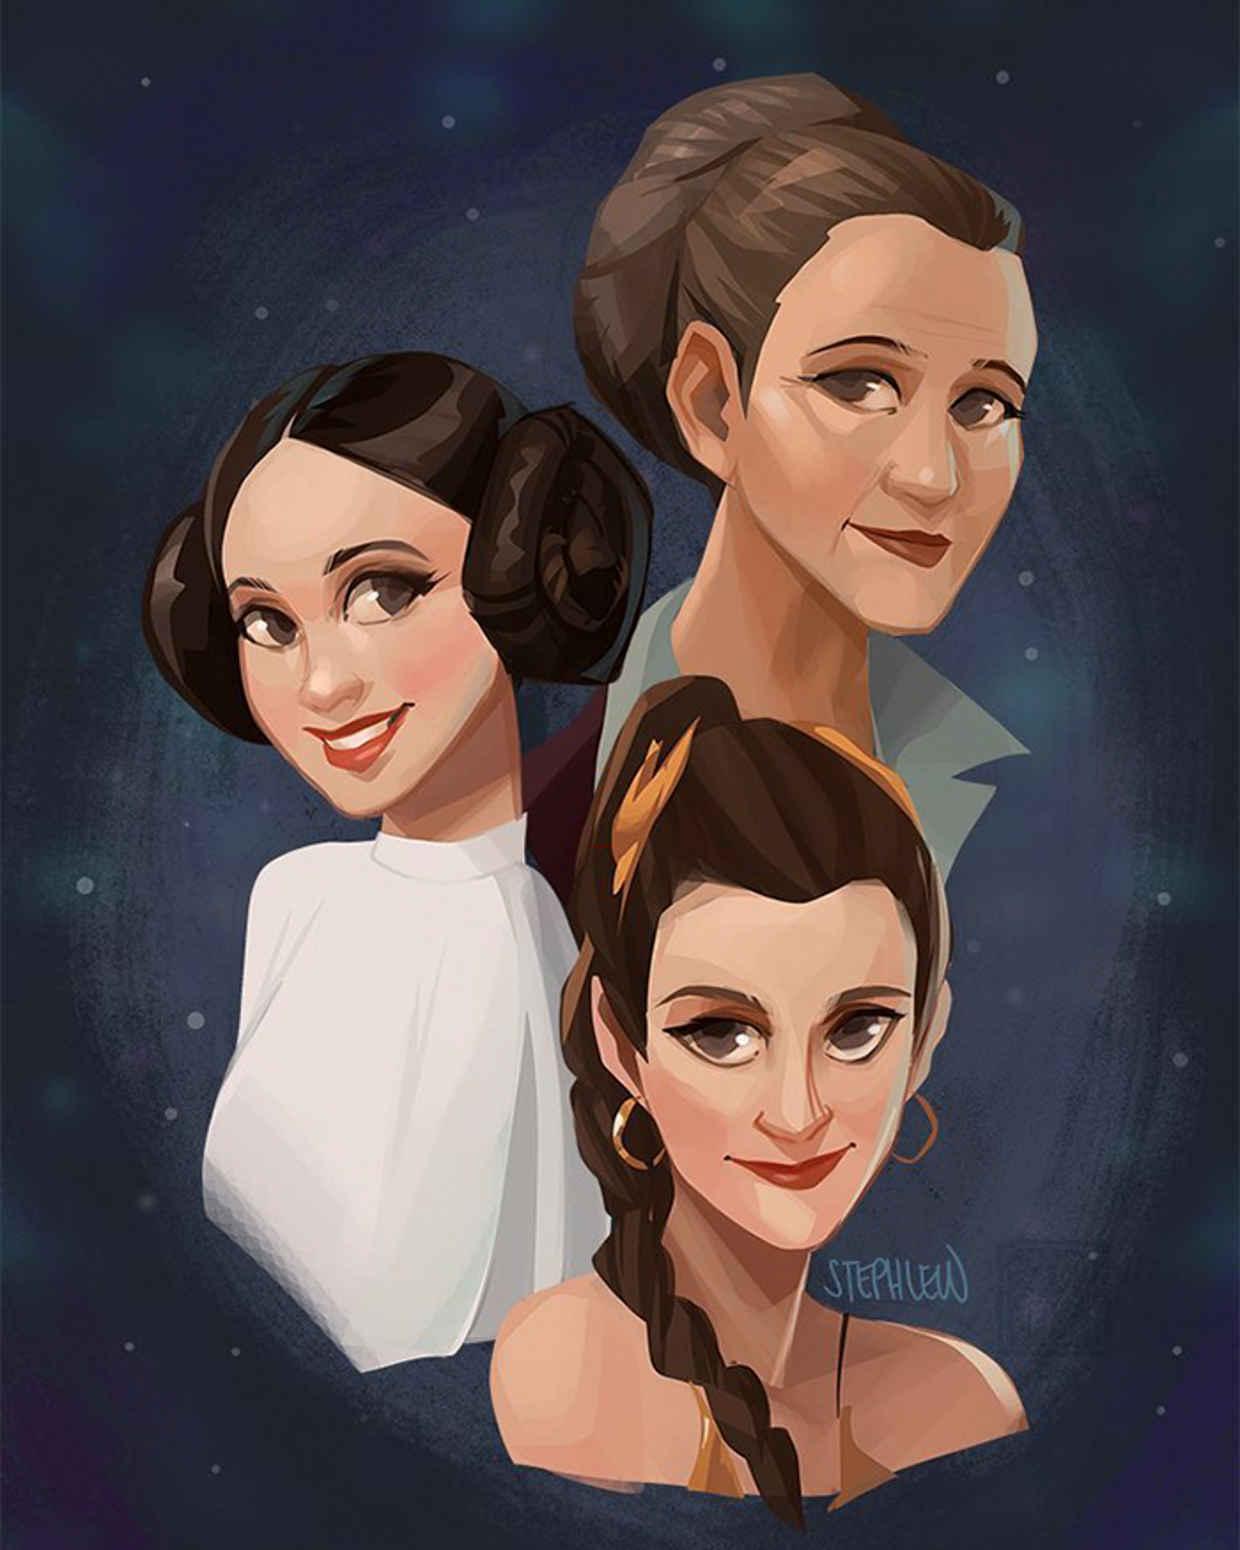 Les hommages en illustrations de Carry Fisher ou Princesse Leia dans StarWars 16